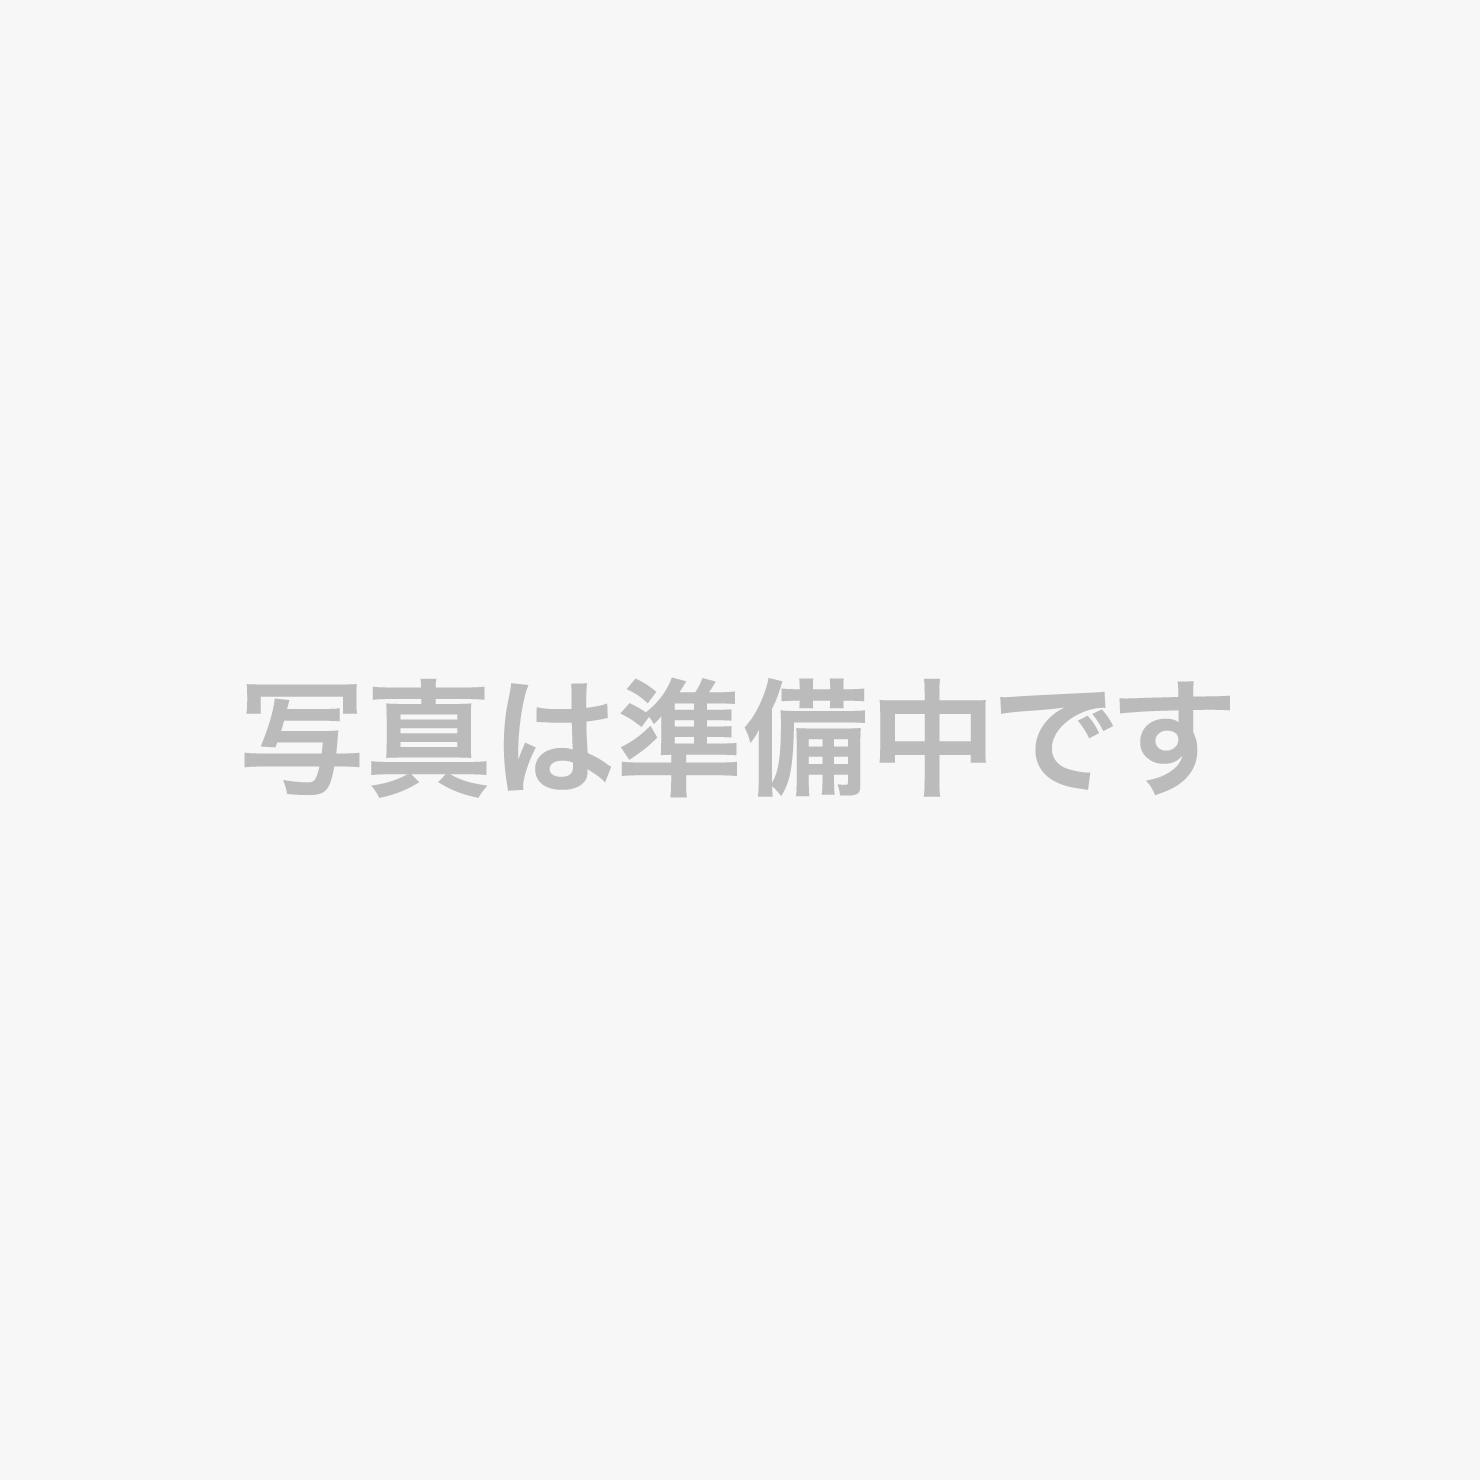 Wi-Fi全室無料!